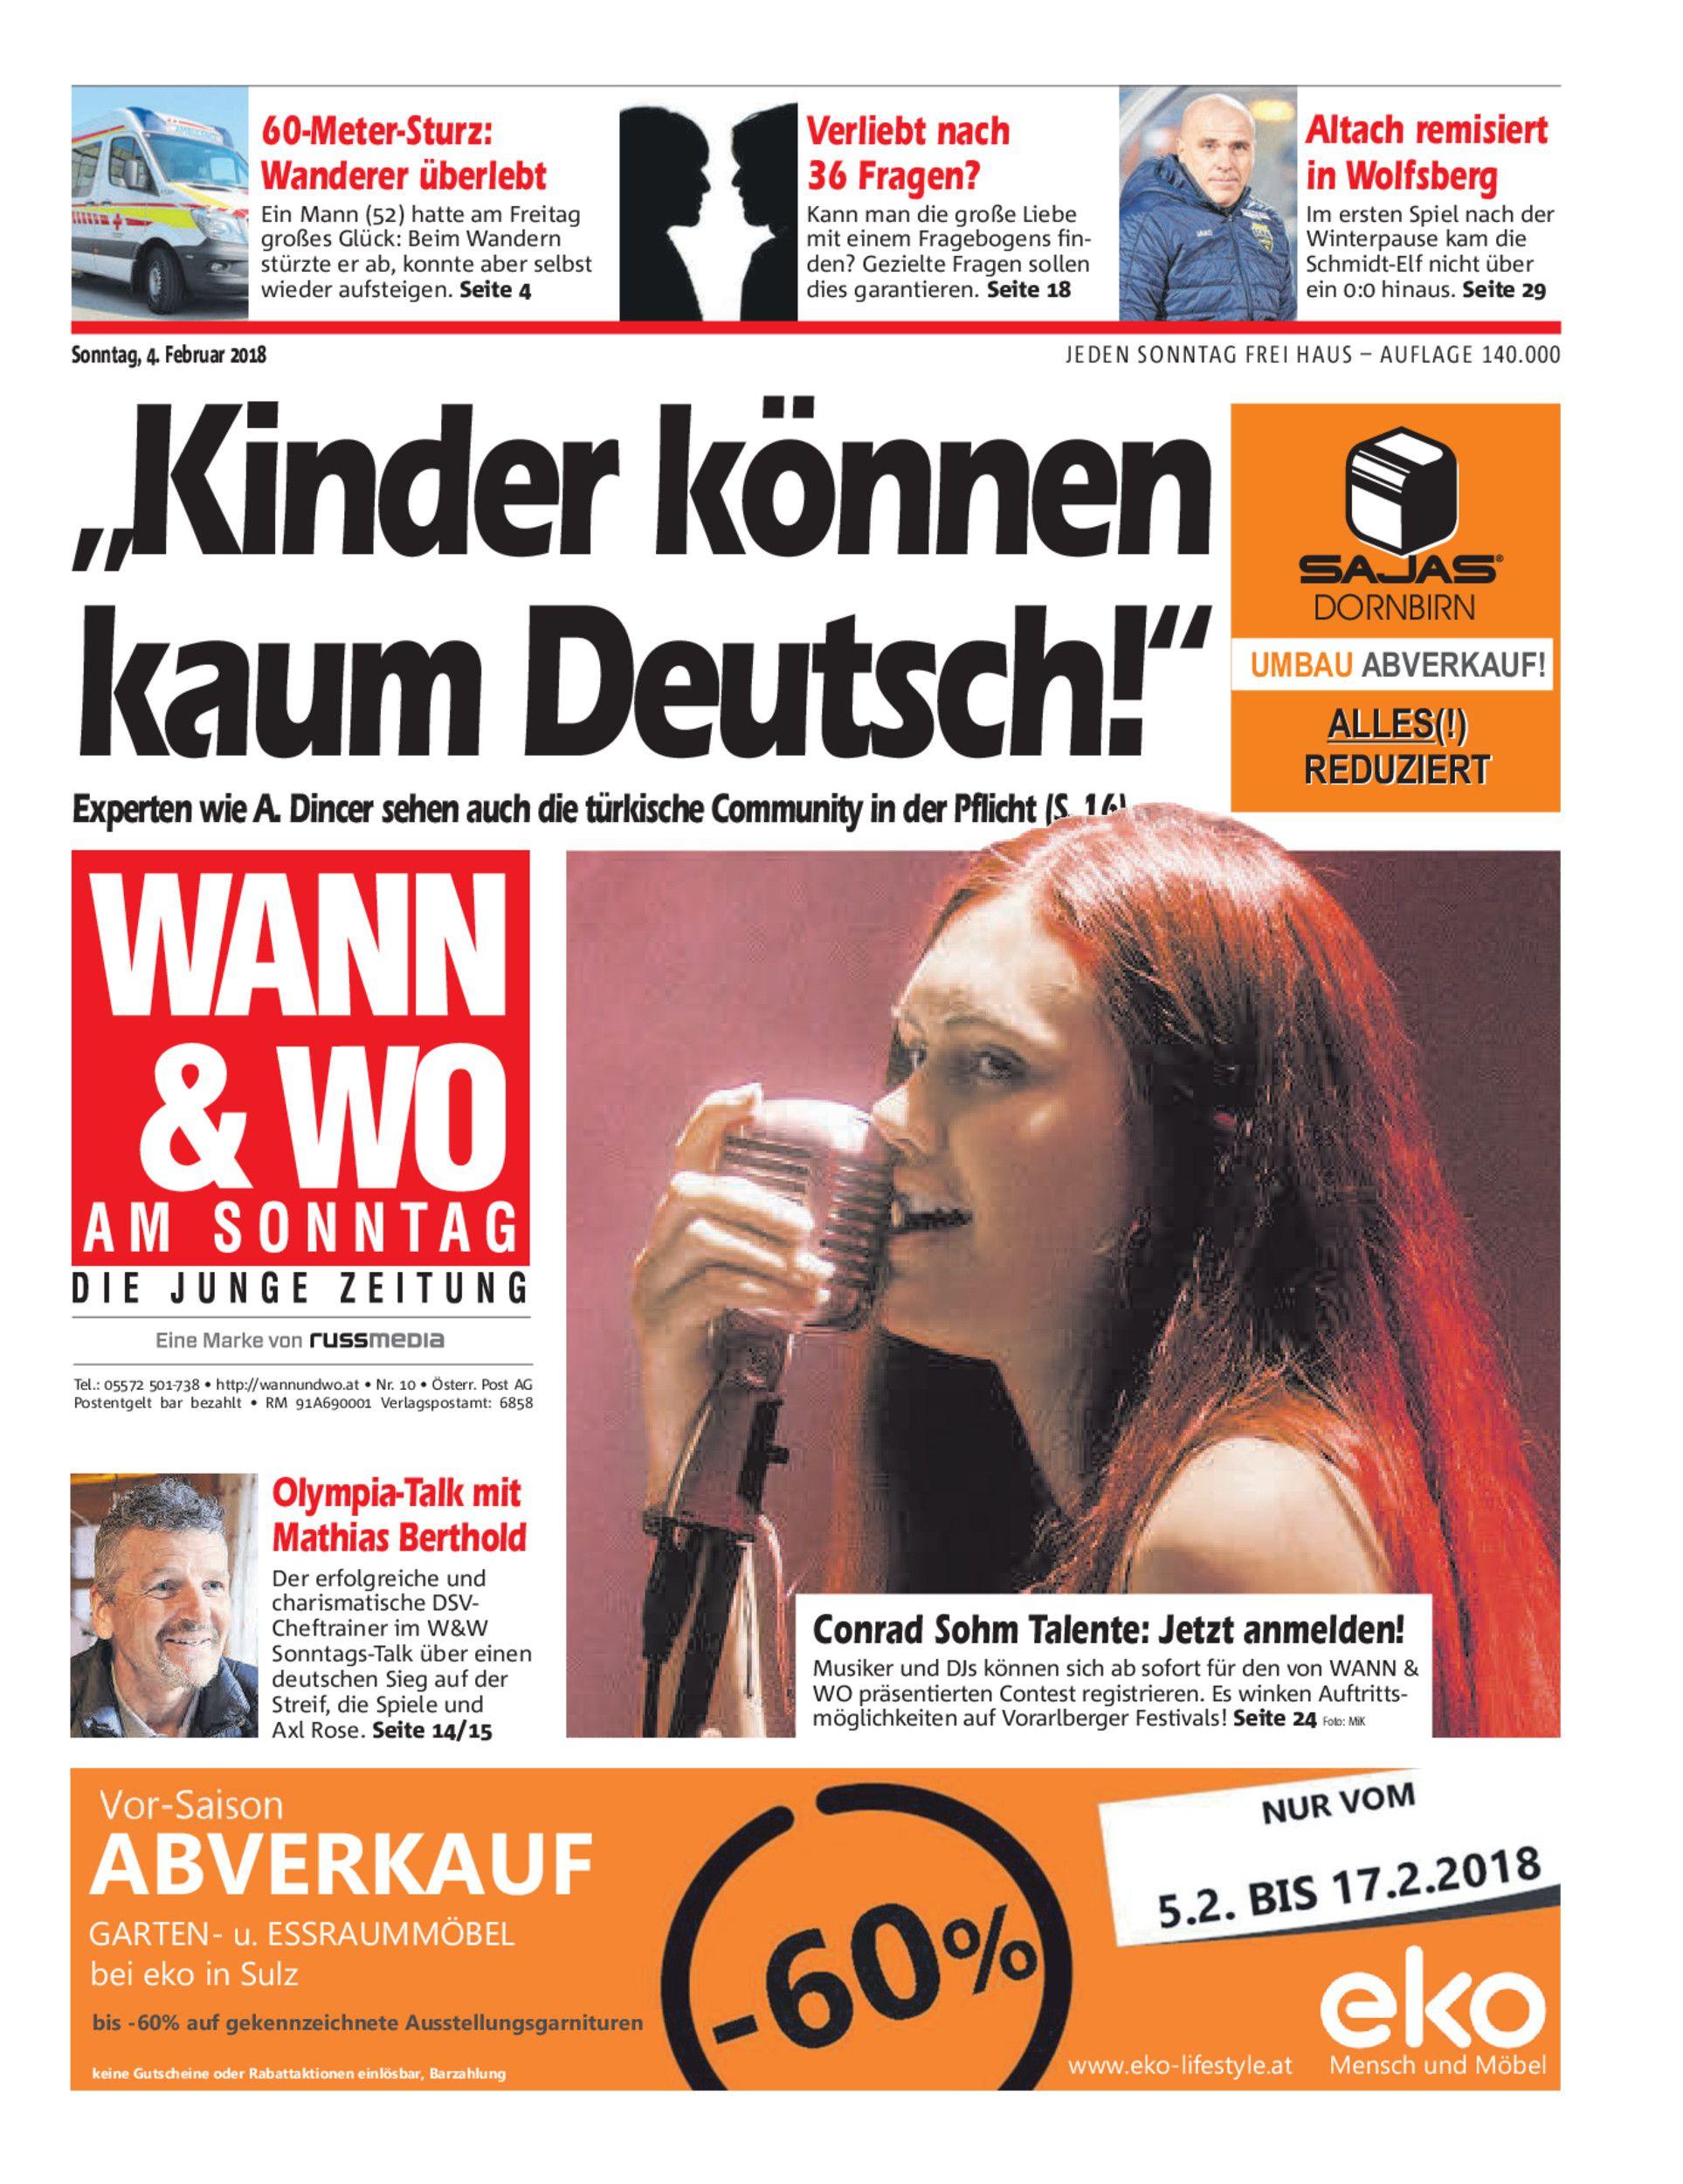 Großartig Jugendpastor Nimmt Proben Wieder Auf Bilder - Entry Level ...